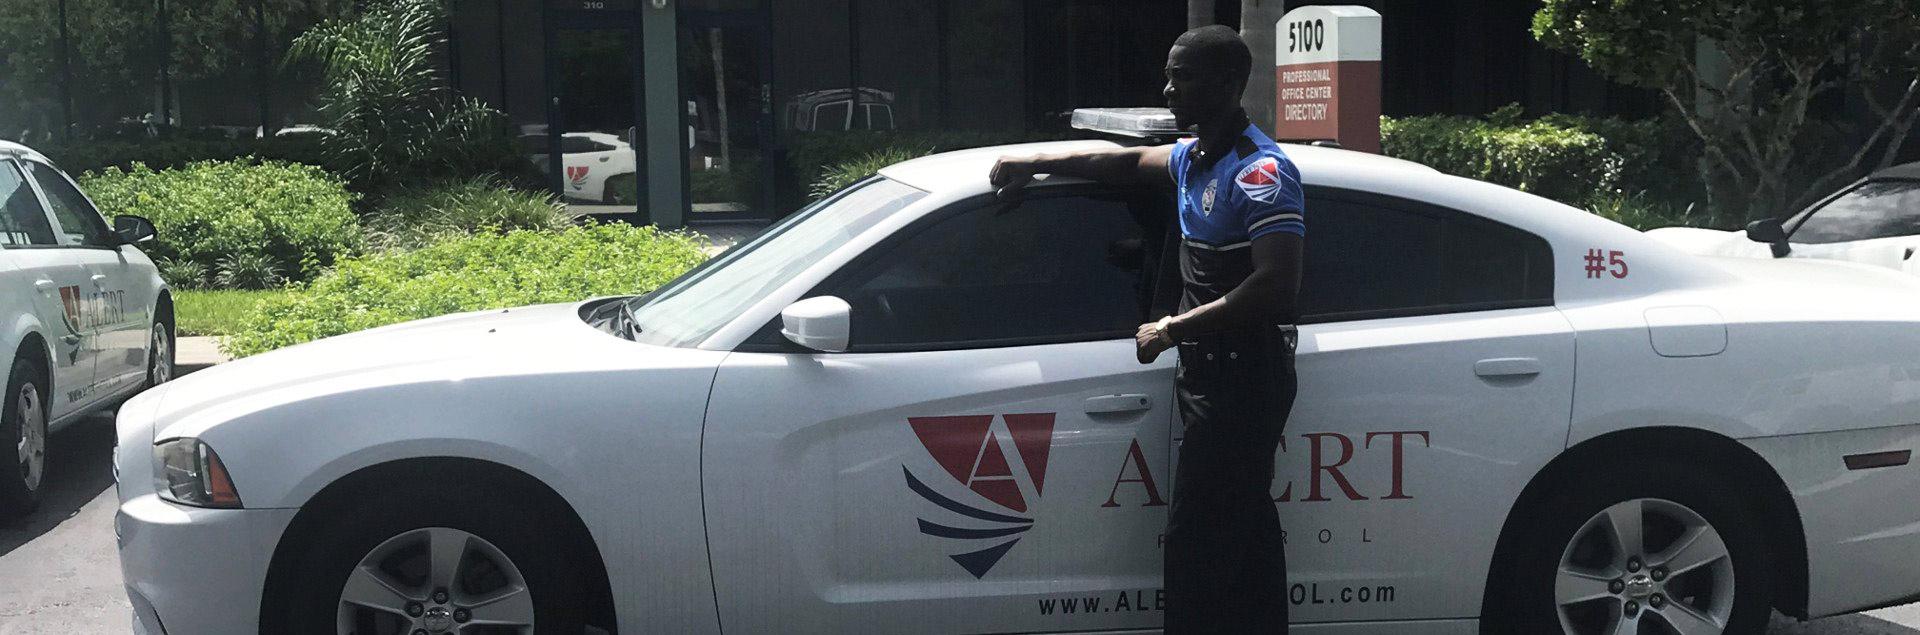 security guard next to a car